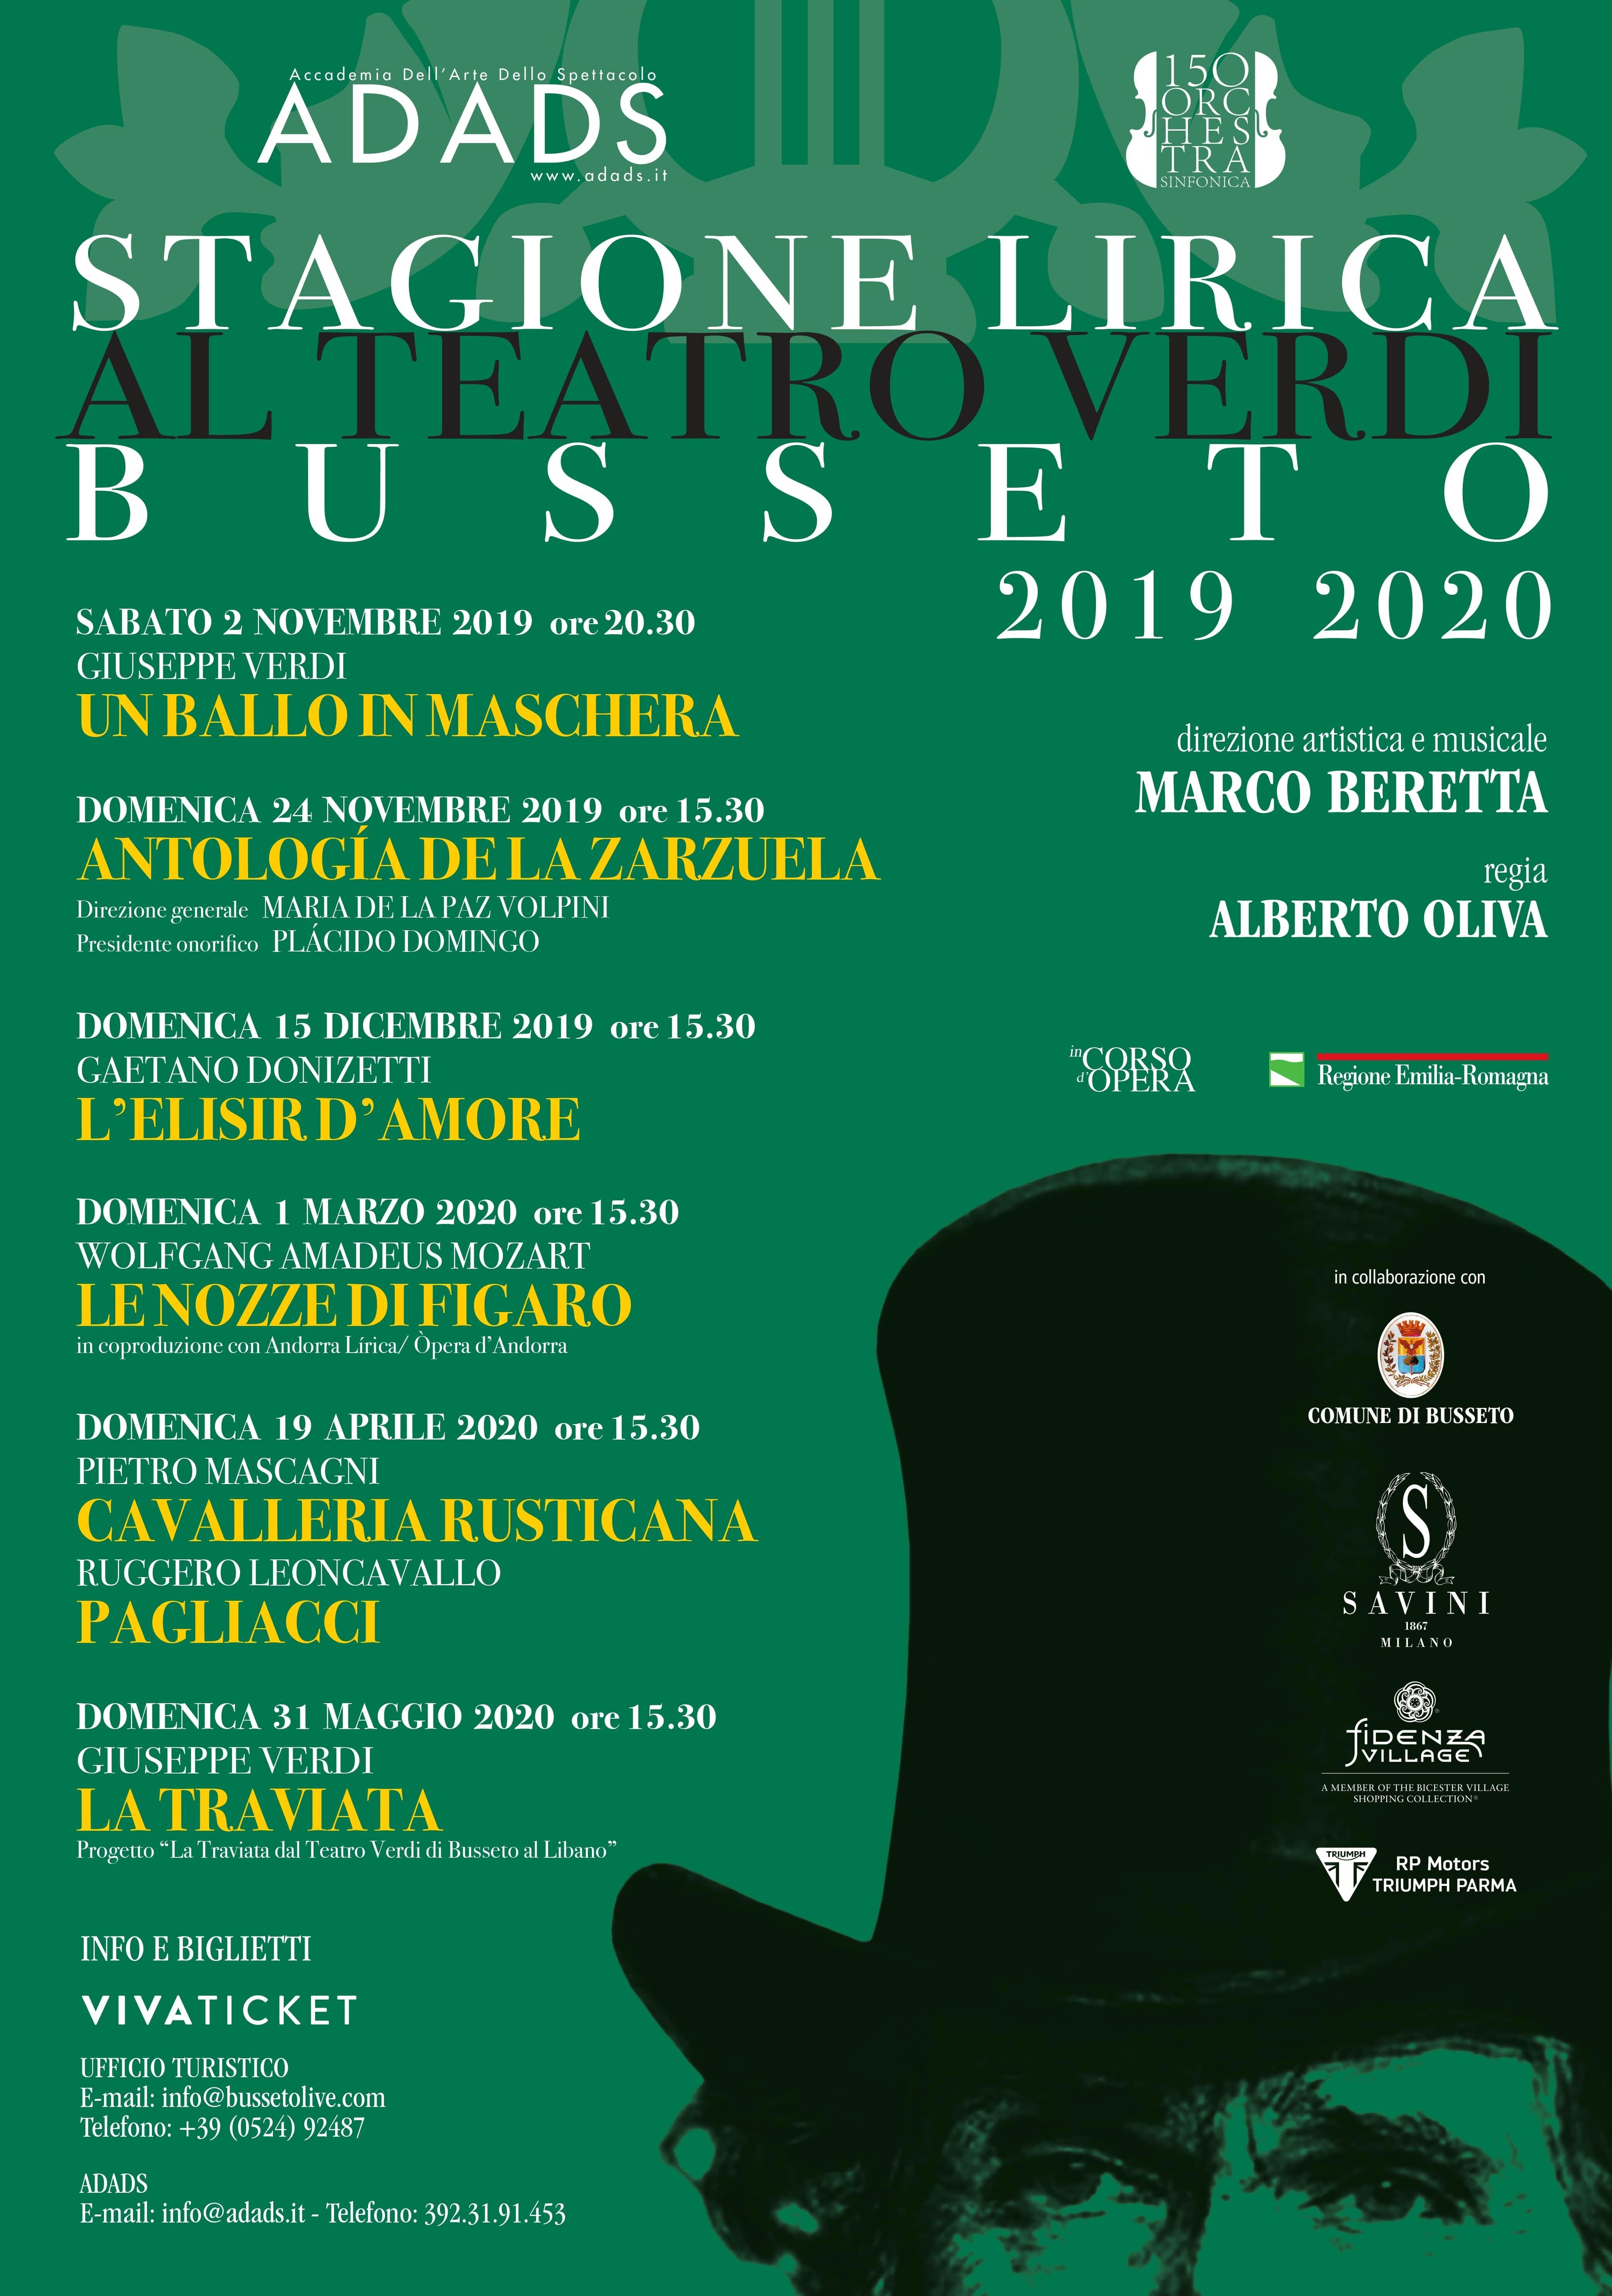 STAGIONE LIRICA AL TEATRO VERDI 2019 – 2020 - Programma